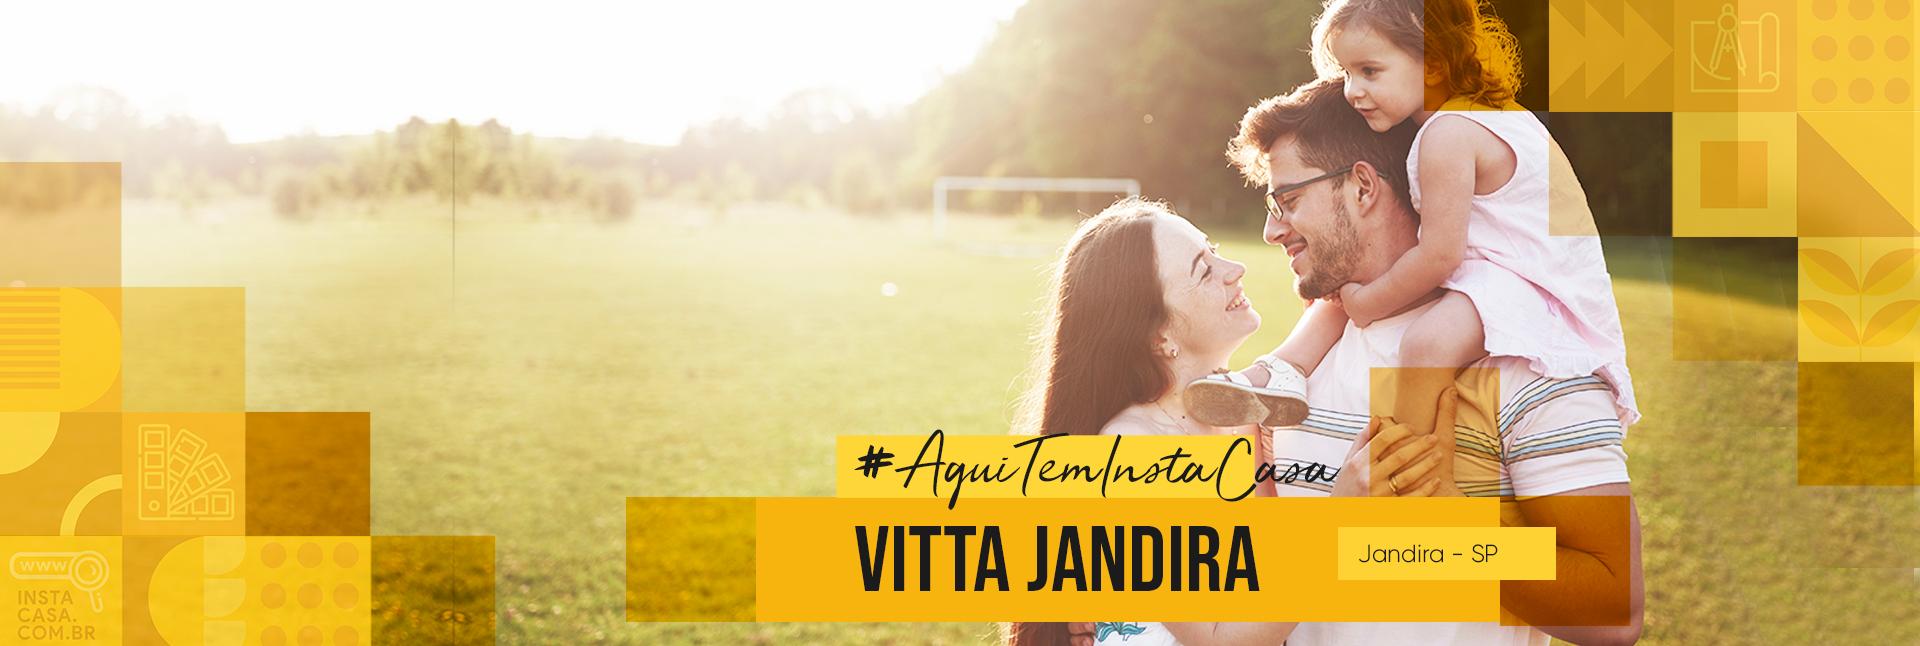 Vitta Jandira